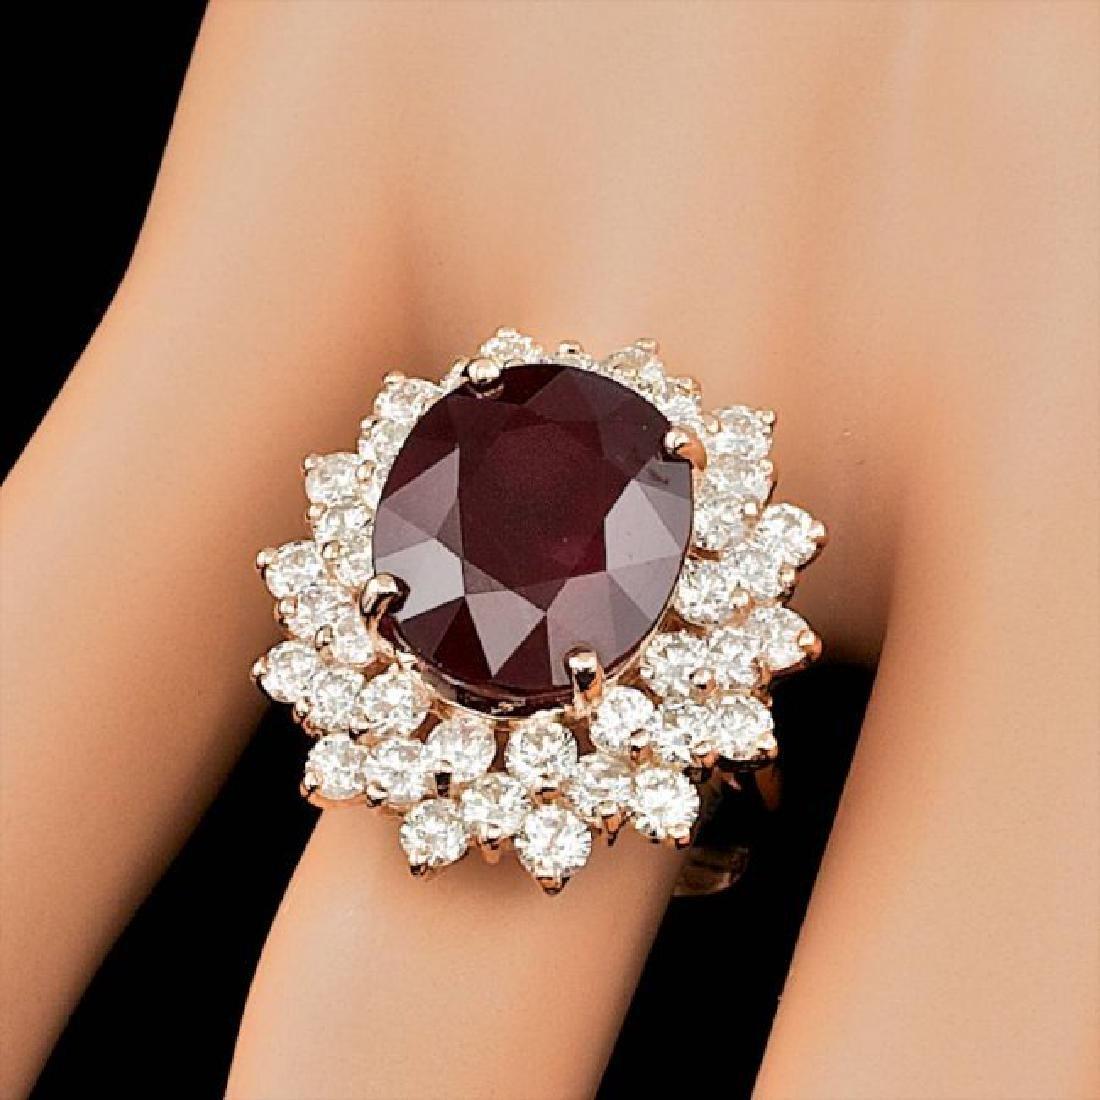 14k Rose Gold 13.00ct Ruby 3.20ct Diamond Ring - 4